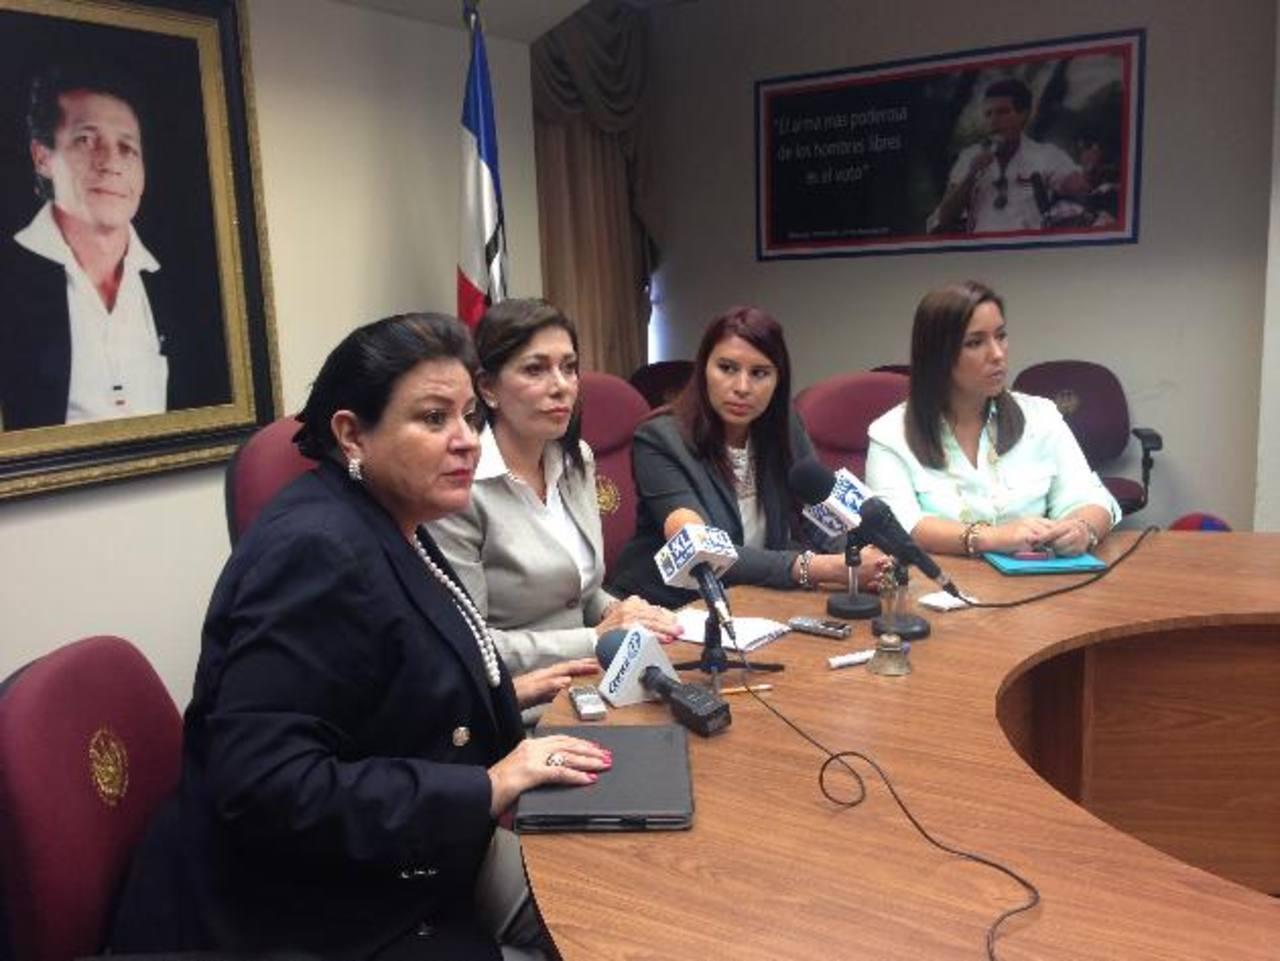 De izquierda a derecha: diputadas Margarita de Escobar, Ana Vilma de Escobar, Marta E. Batres y Alejandrina Castro